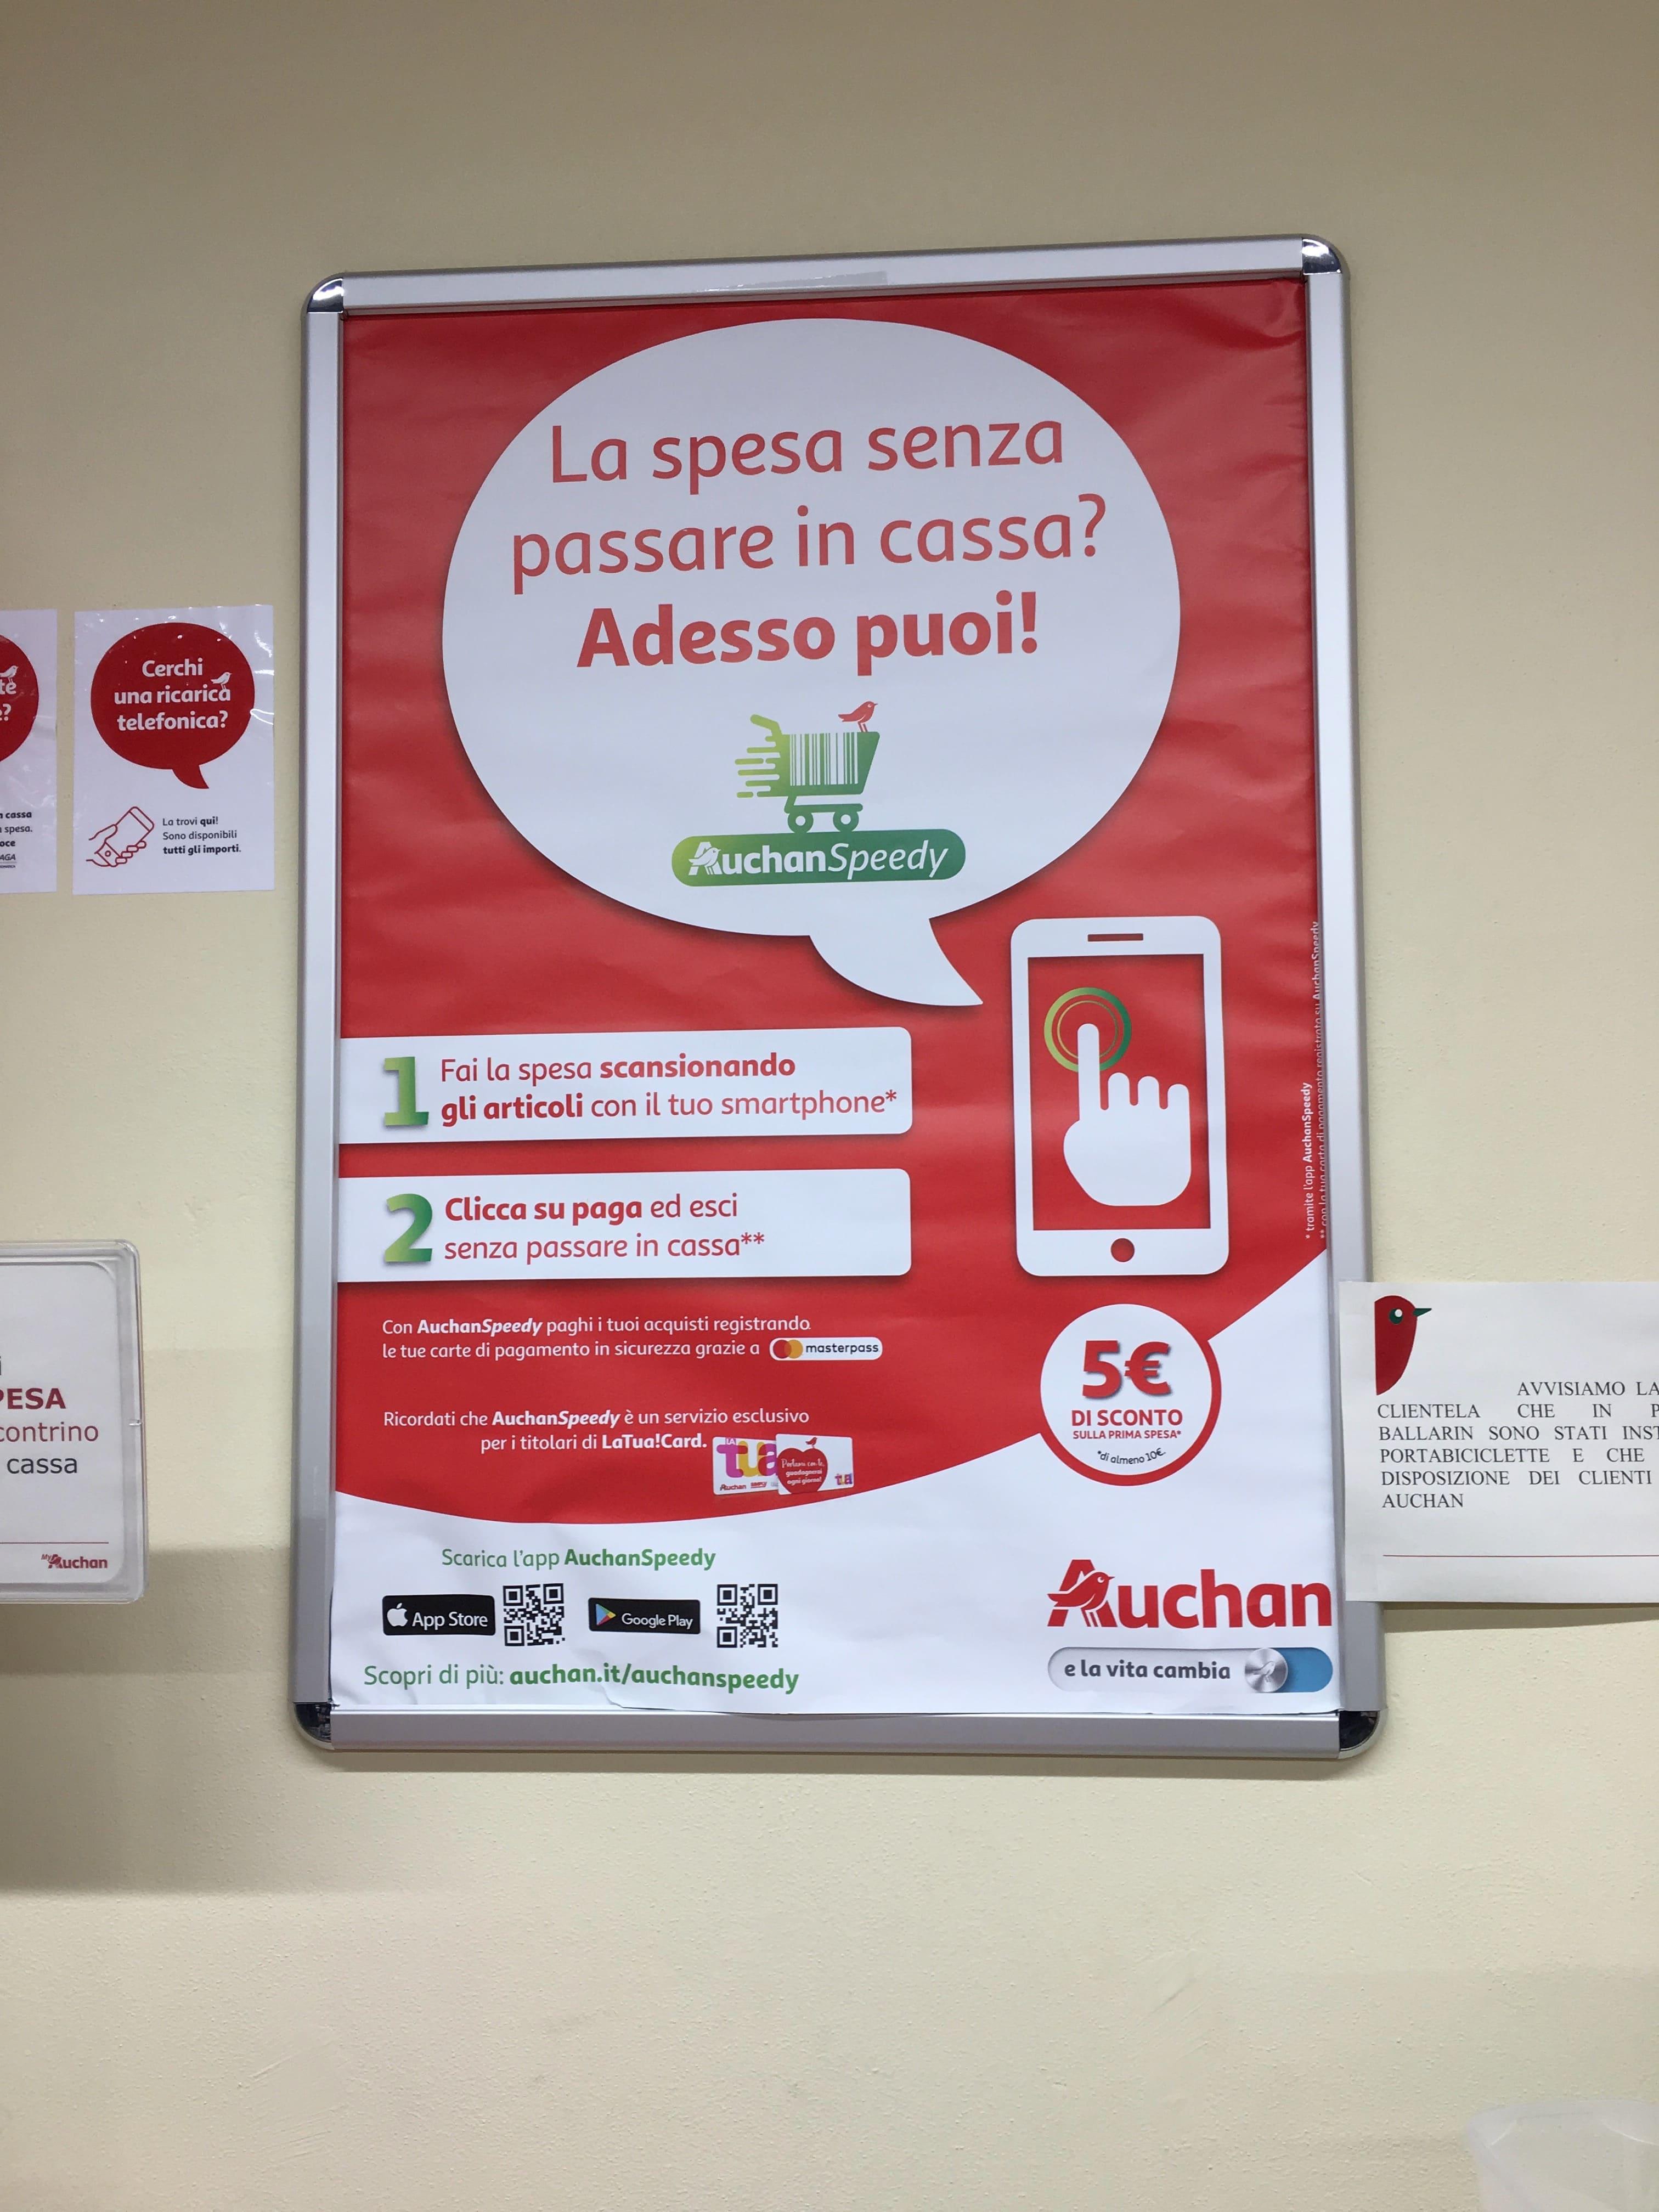 """На входе есть информация, что даже можно скачать приложение """"Auchan Speedy"""", и сканировать им товары, а потом на мобильной кассе просто оплатить."""